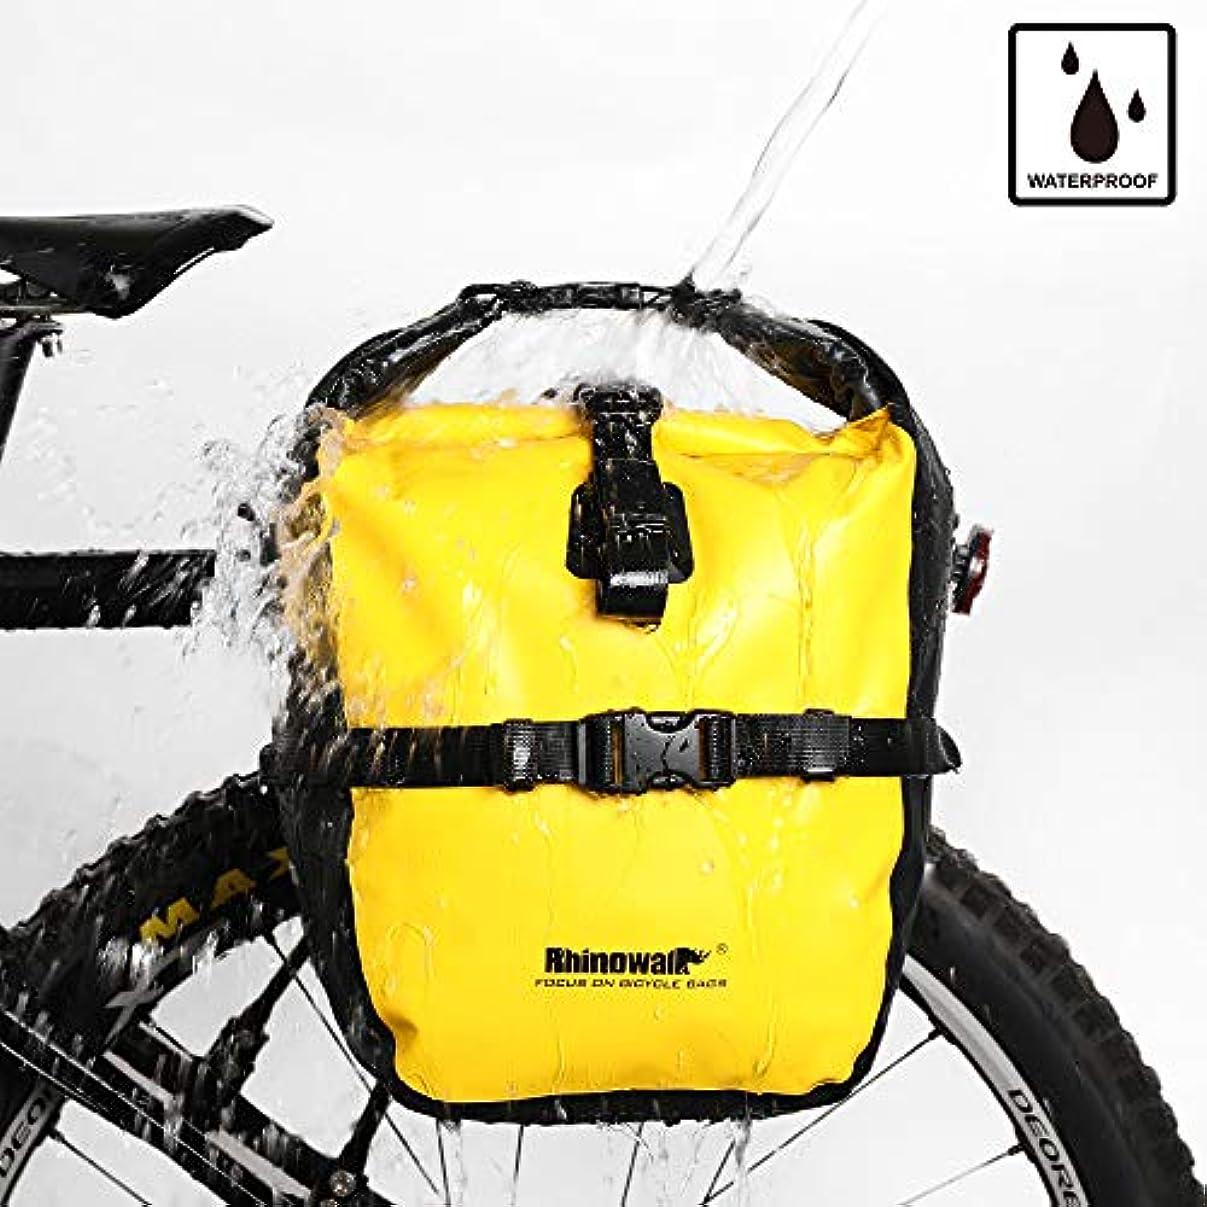 法的フルートディプロマRhinowalk バイクバッグ 防水バイクパニエバッグ 自転車用カーゴラック サドルバッグ ショルダーバッグ ノートパソコンパニエラック 自転車バッグ プロ用サイクリングアクセサリー